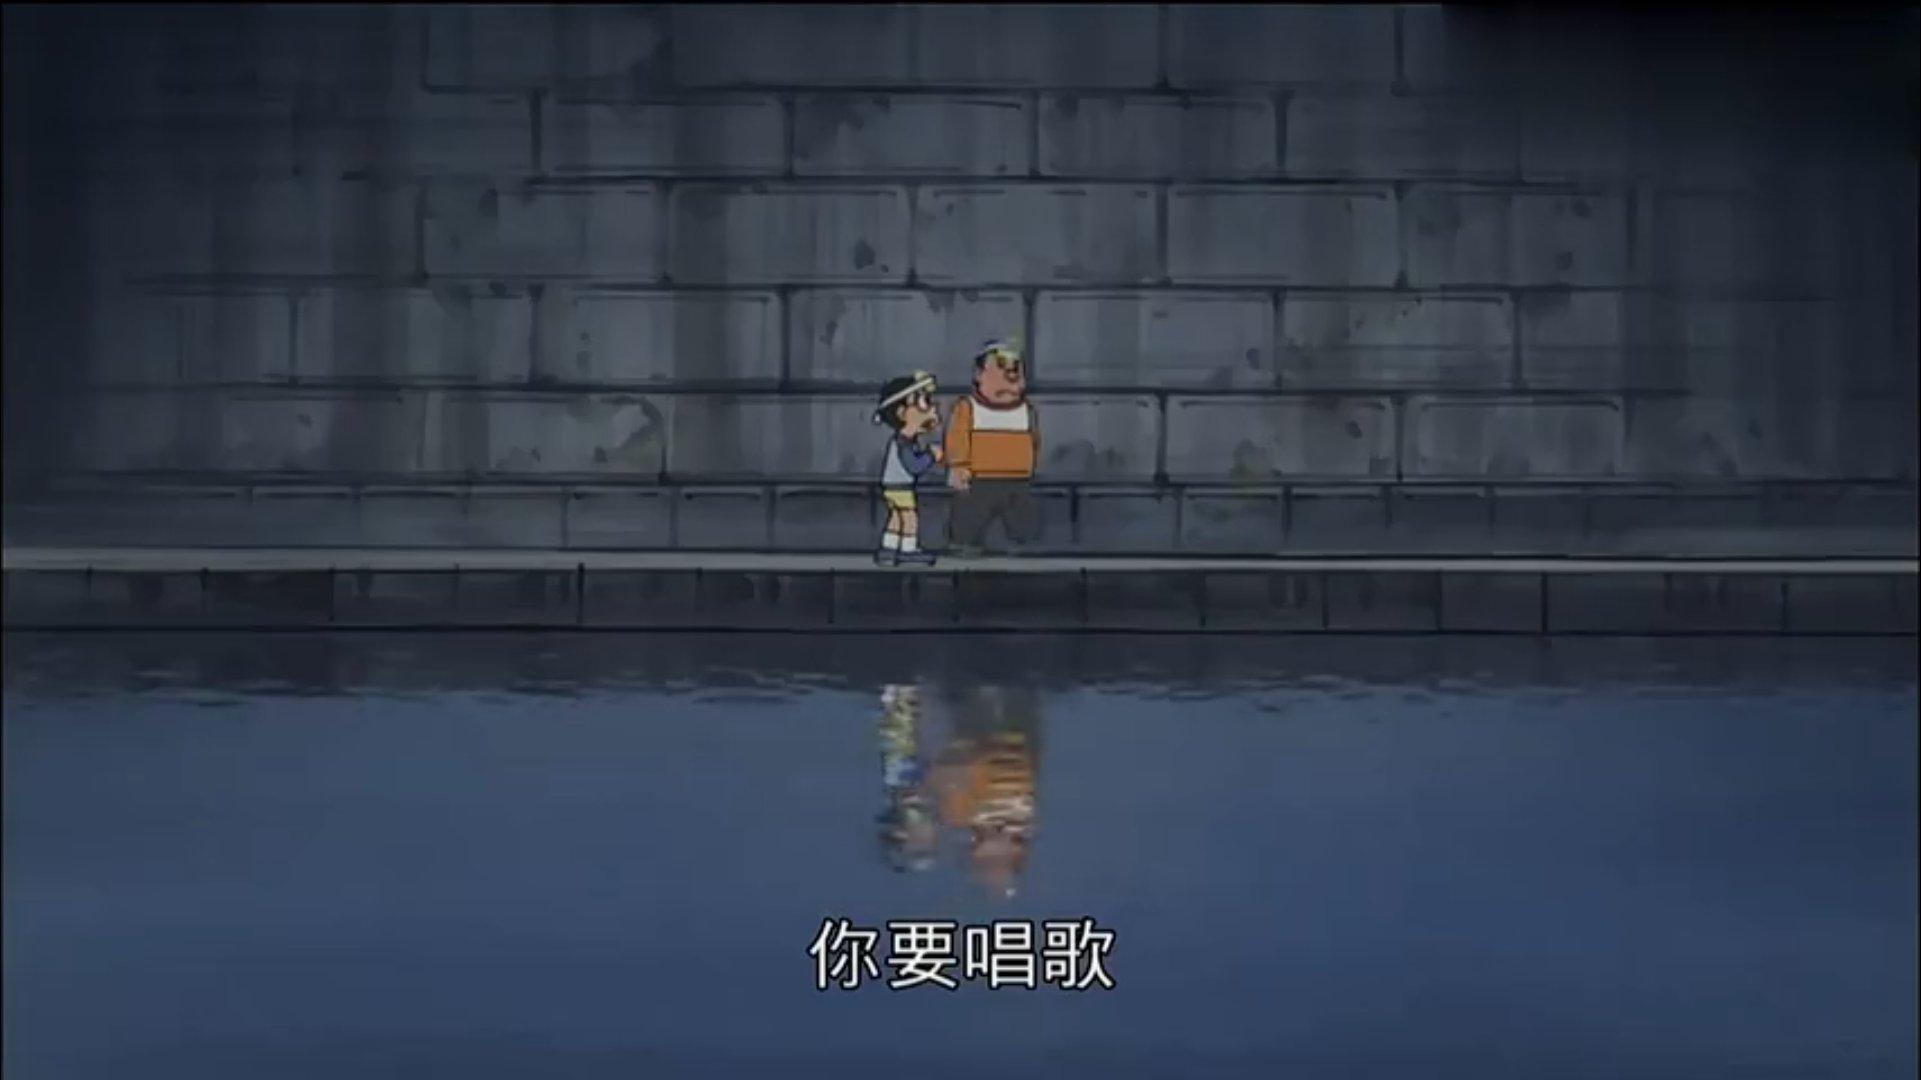 【视频】哆啦A梦:胖虎误打误撞,搞到吸血鬼的弱点,大雄可就受罪了